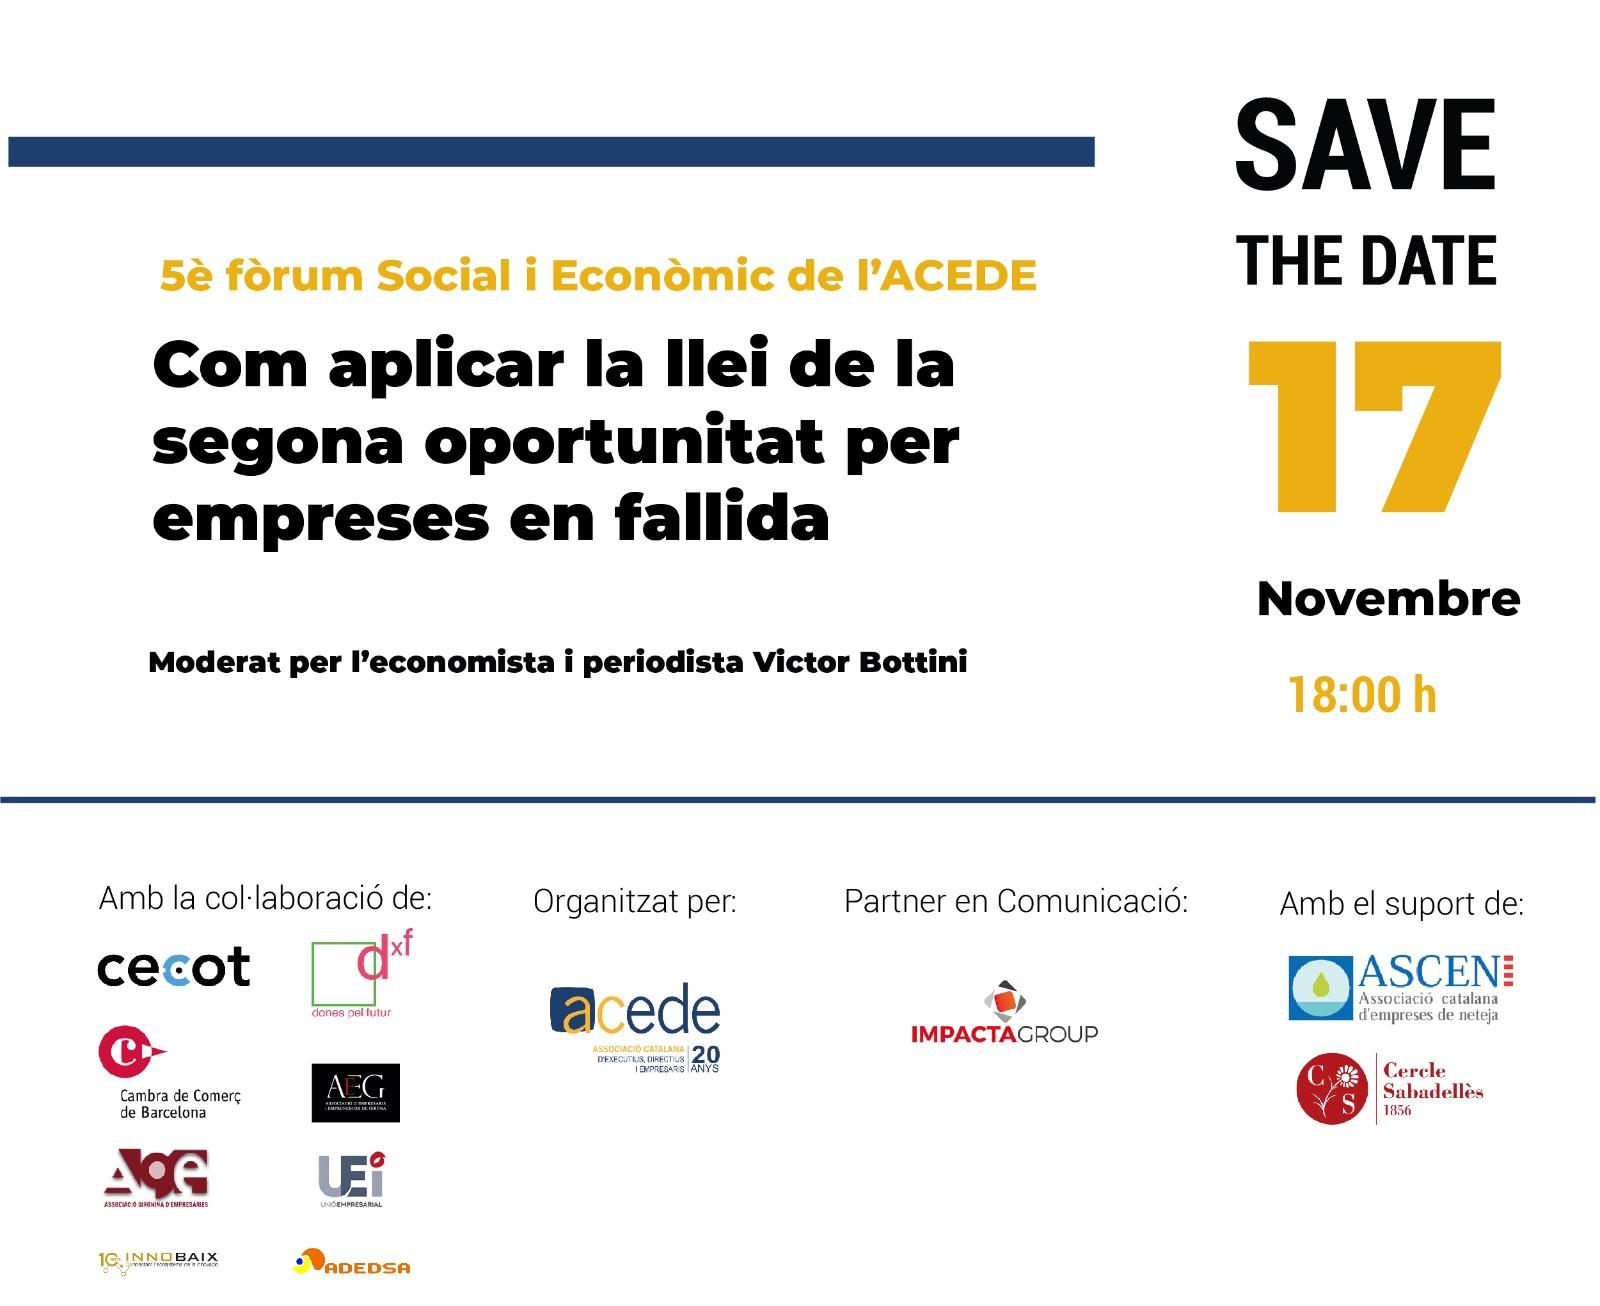 5è Fòrum social i econòmic Per una Catalunya Competitiva | Com aplicar la llei de la segona oportunitat per empreses en fallida